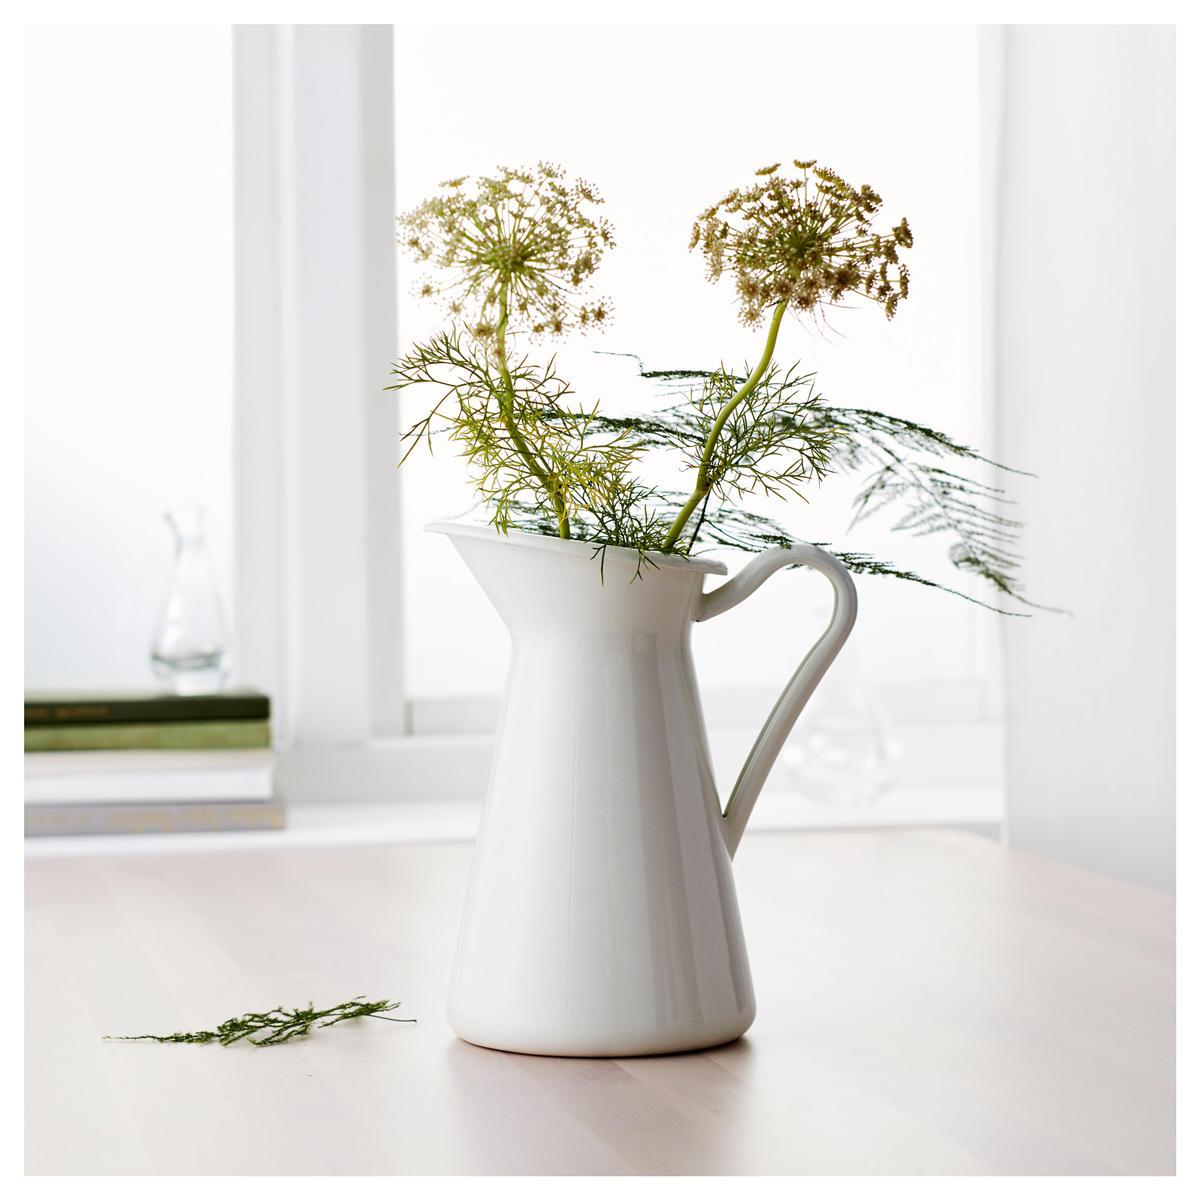 Zakka Hemp Rope Glass Vase Flower Bottle Ornaments Flower Stem Dried Flowers Vase - 1